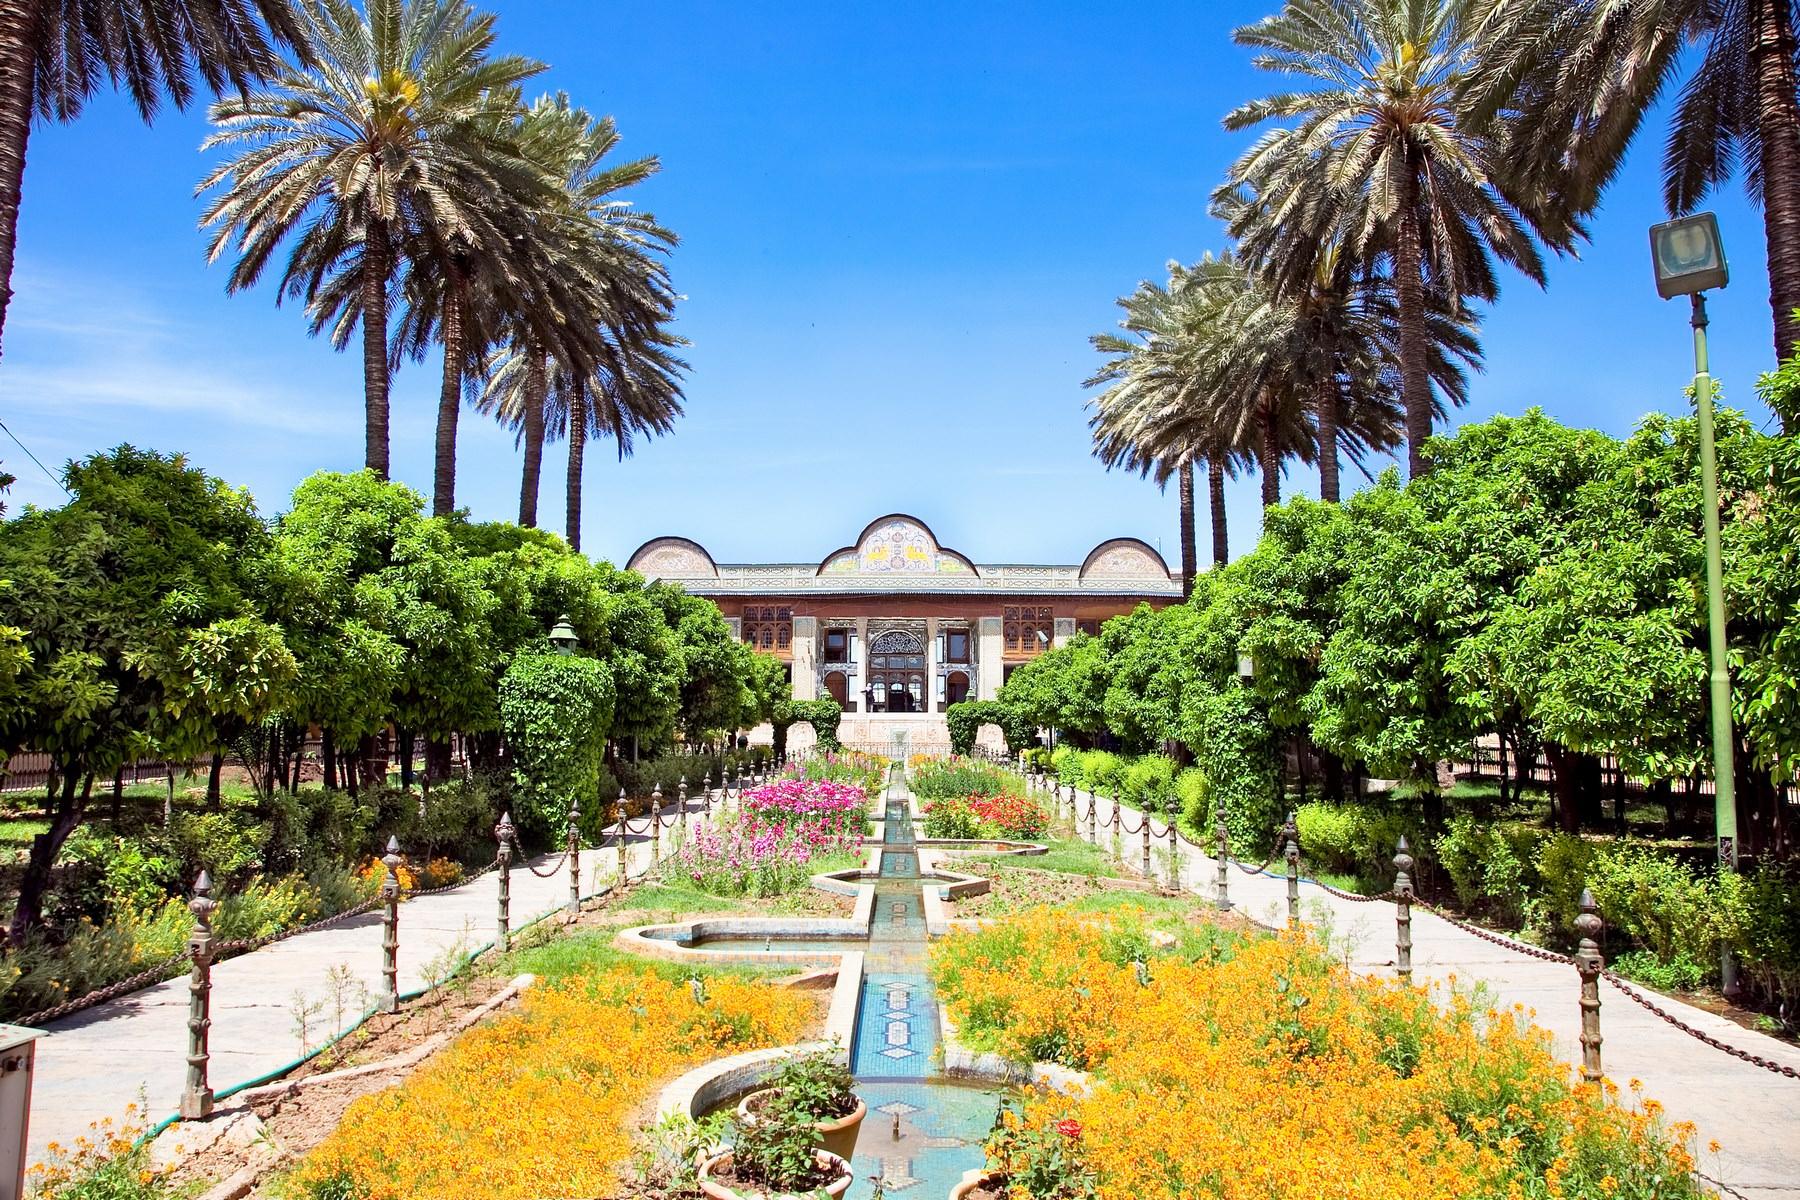 باغ و ساختمان نارنجستان قواممتعلق به دوران قاجاریه است